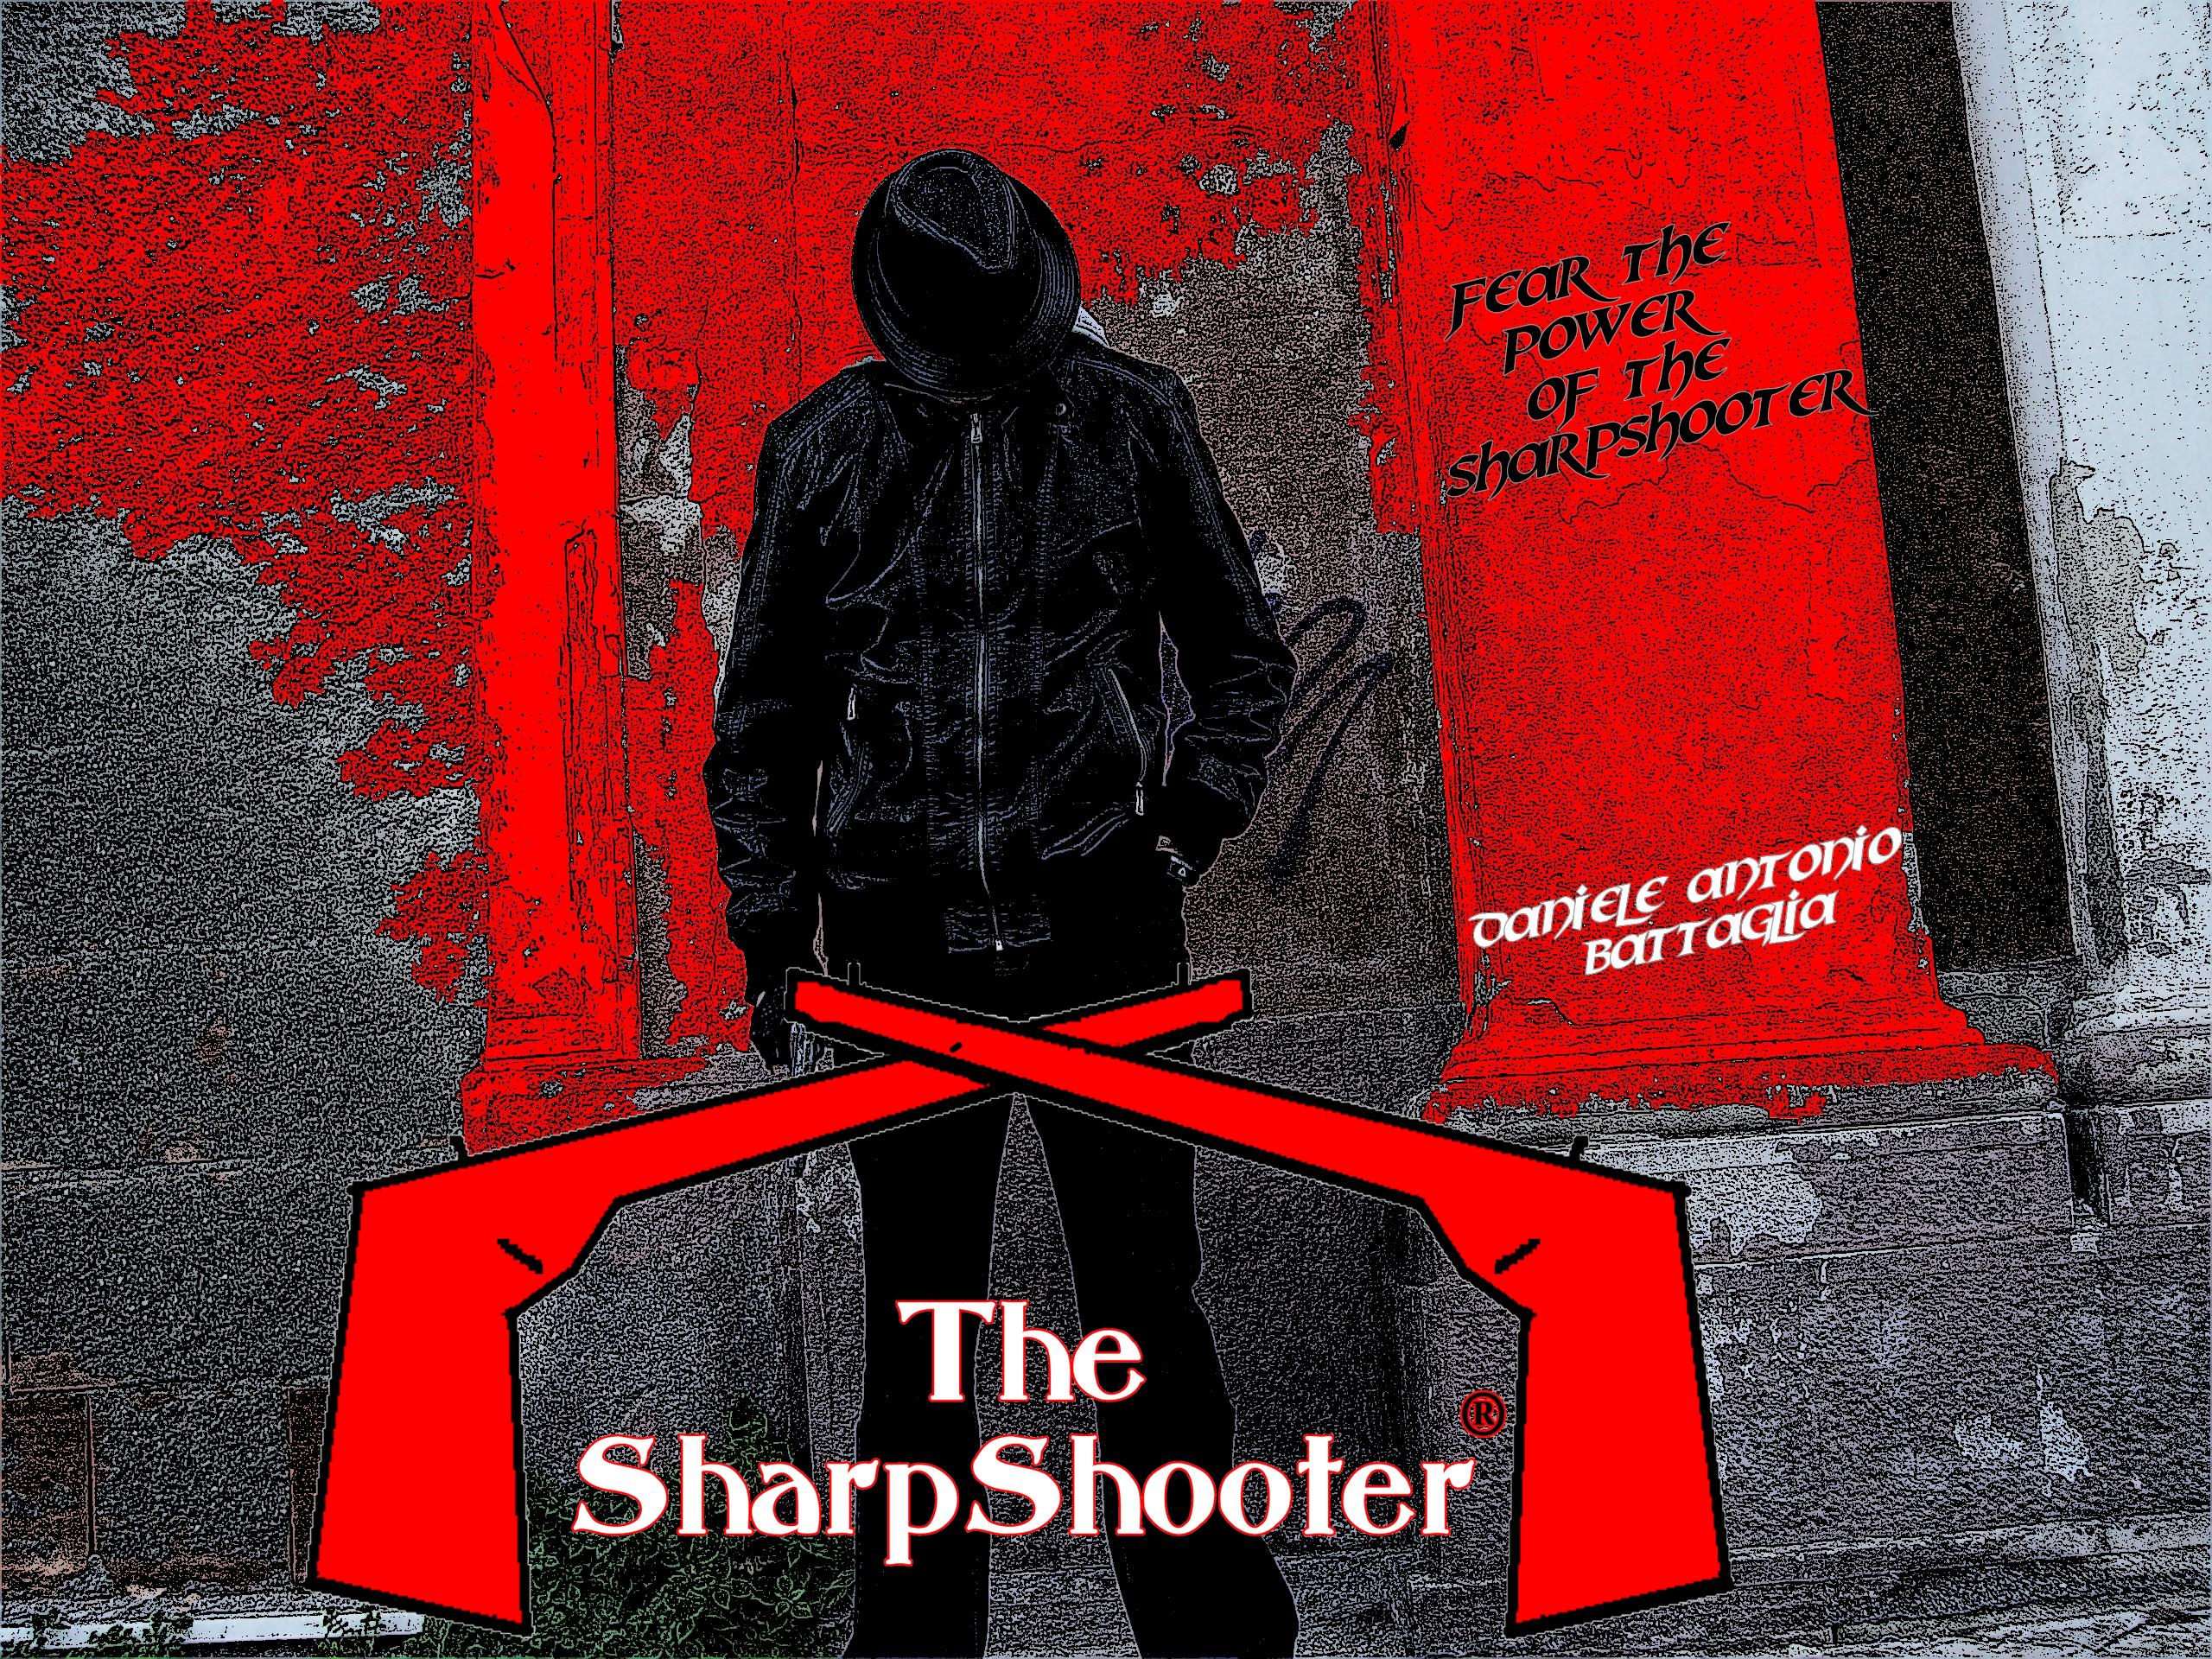 daniele_antonio_battaglia_shooter_cover_red_book2